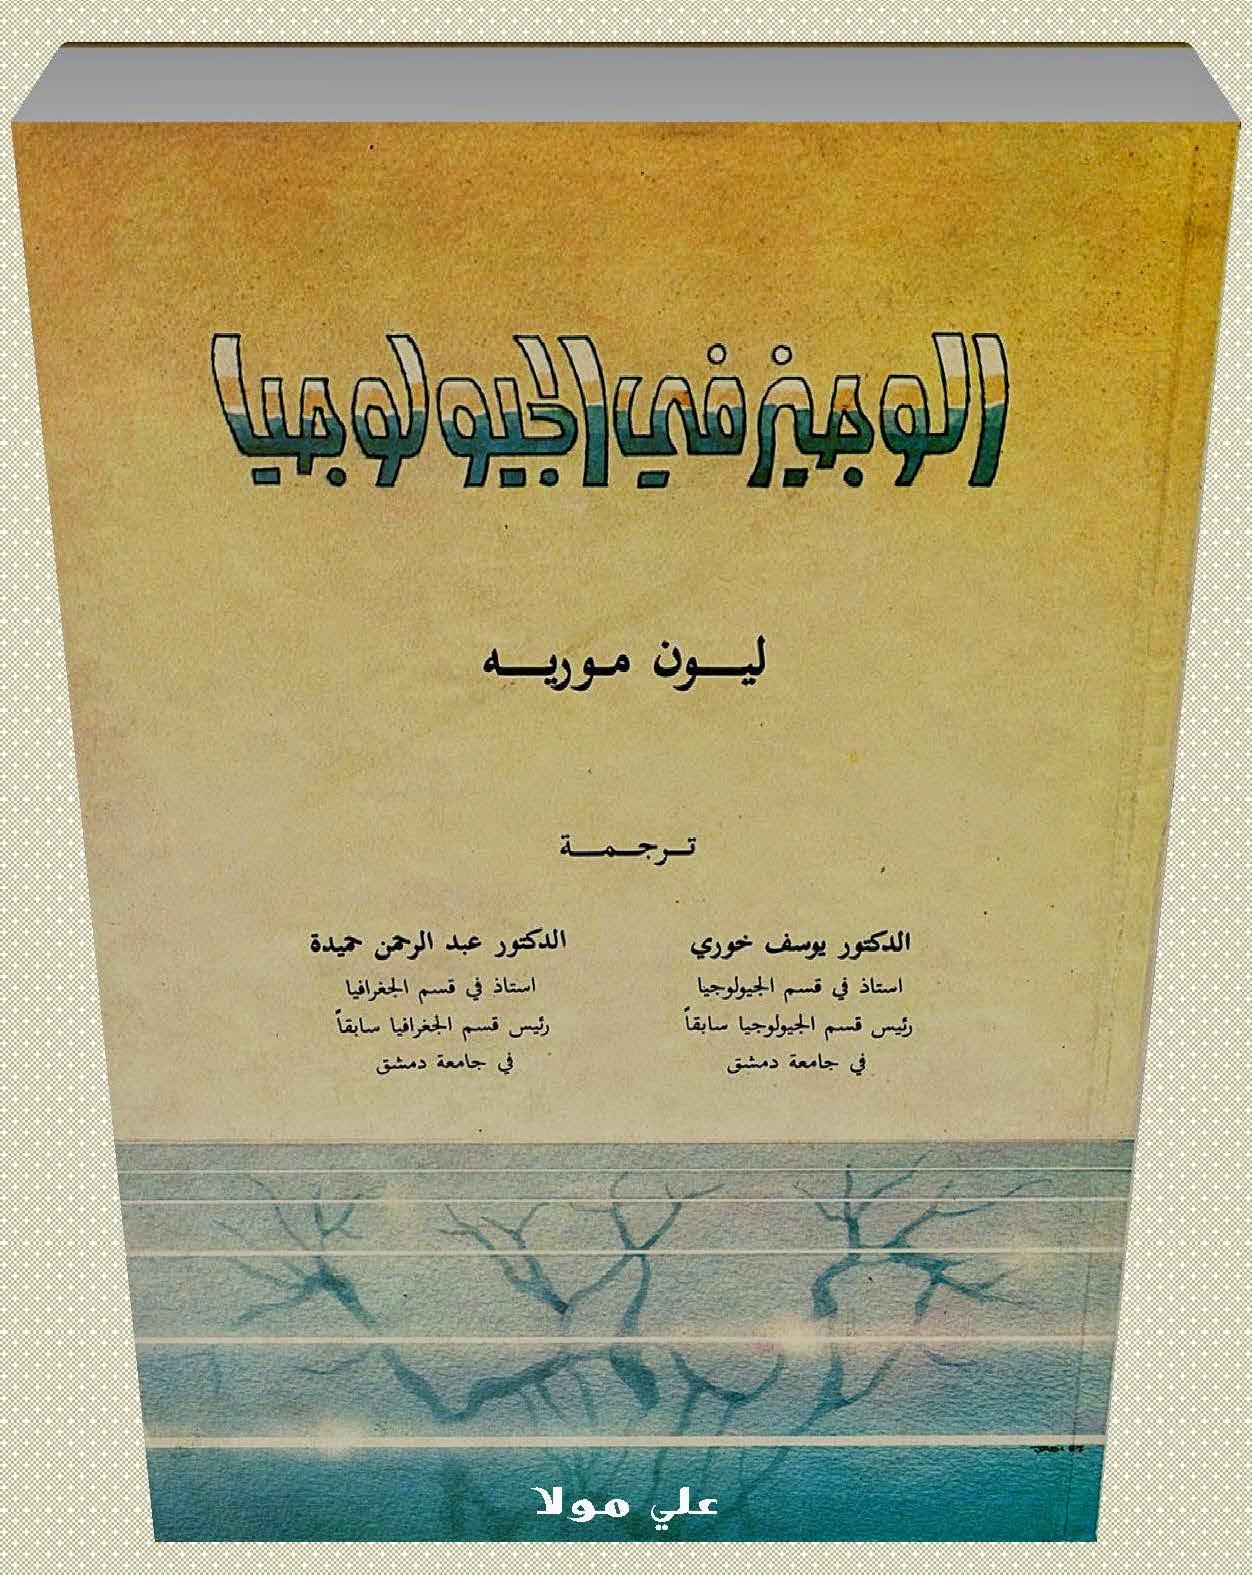 كتاب الوجيز في الجيولوجيا - ليون موريه